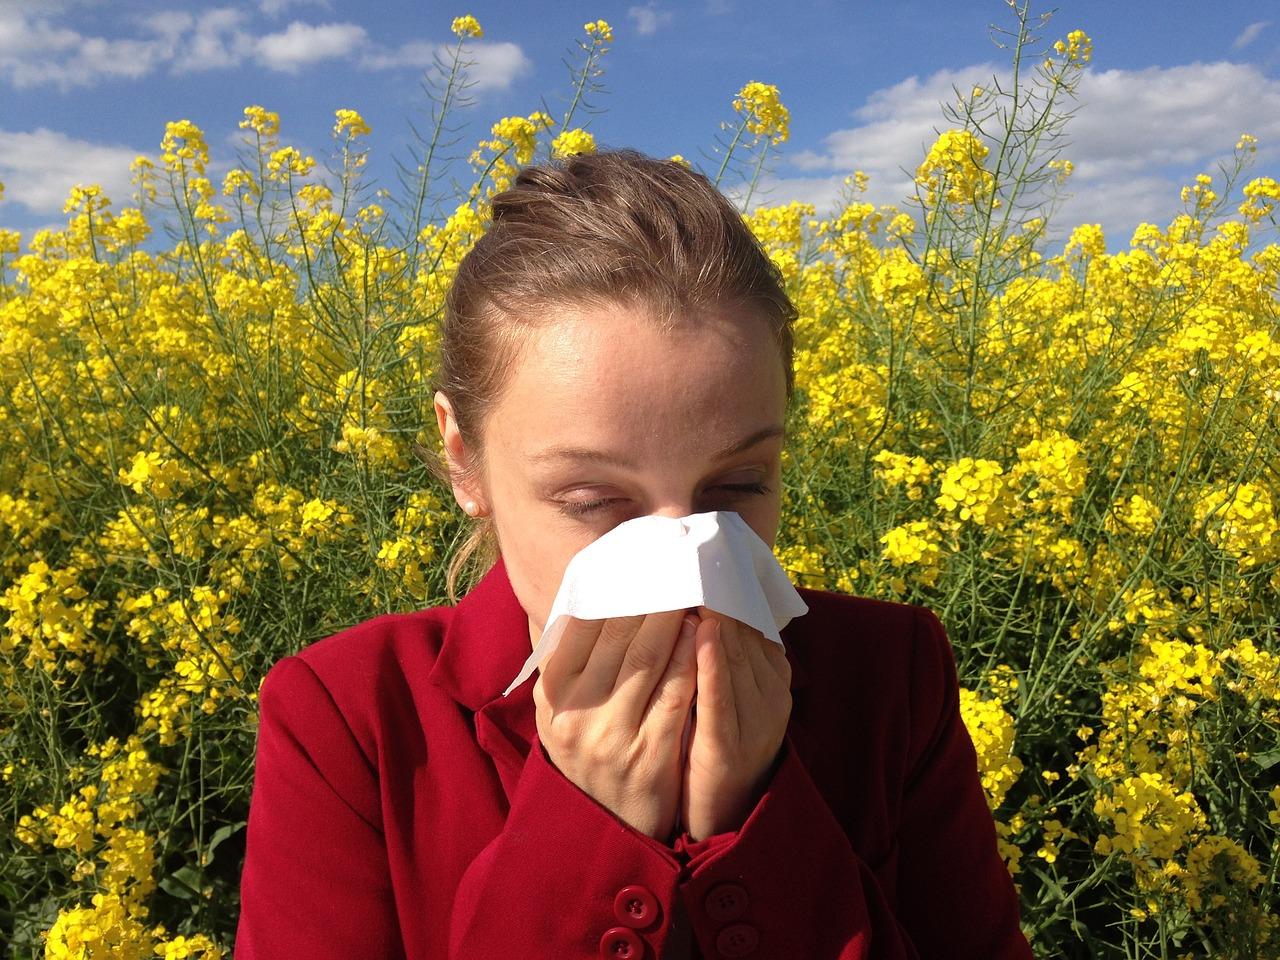 花粉症の症状に効く!治療法の種類・市販と処方の薬の効果や副作用!